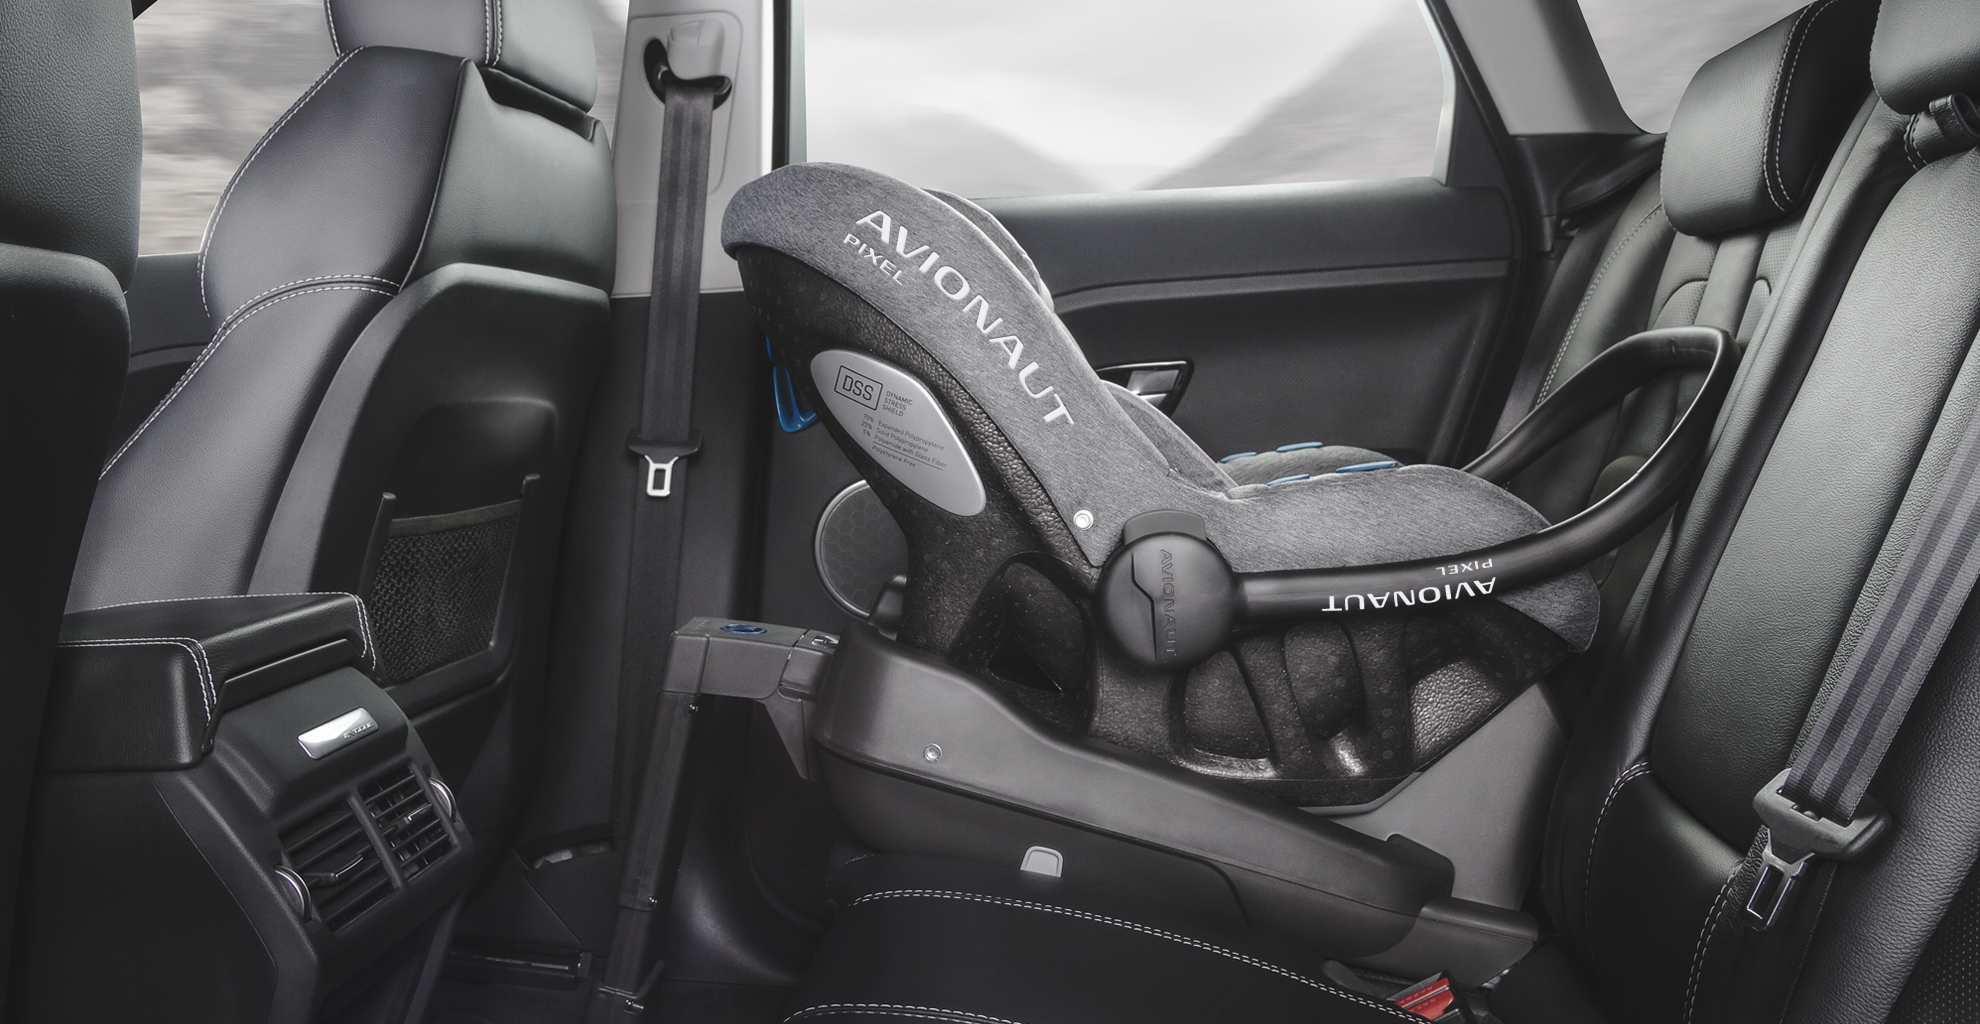 silla coche más segura Avionaut